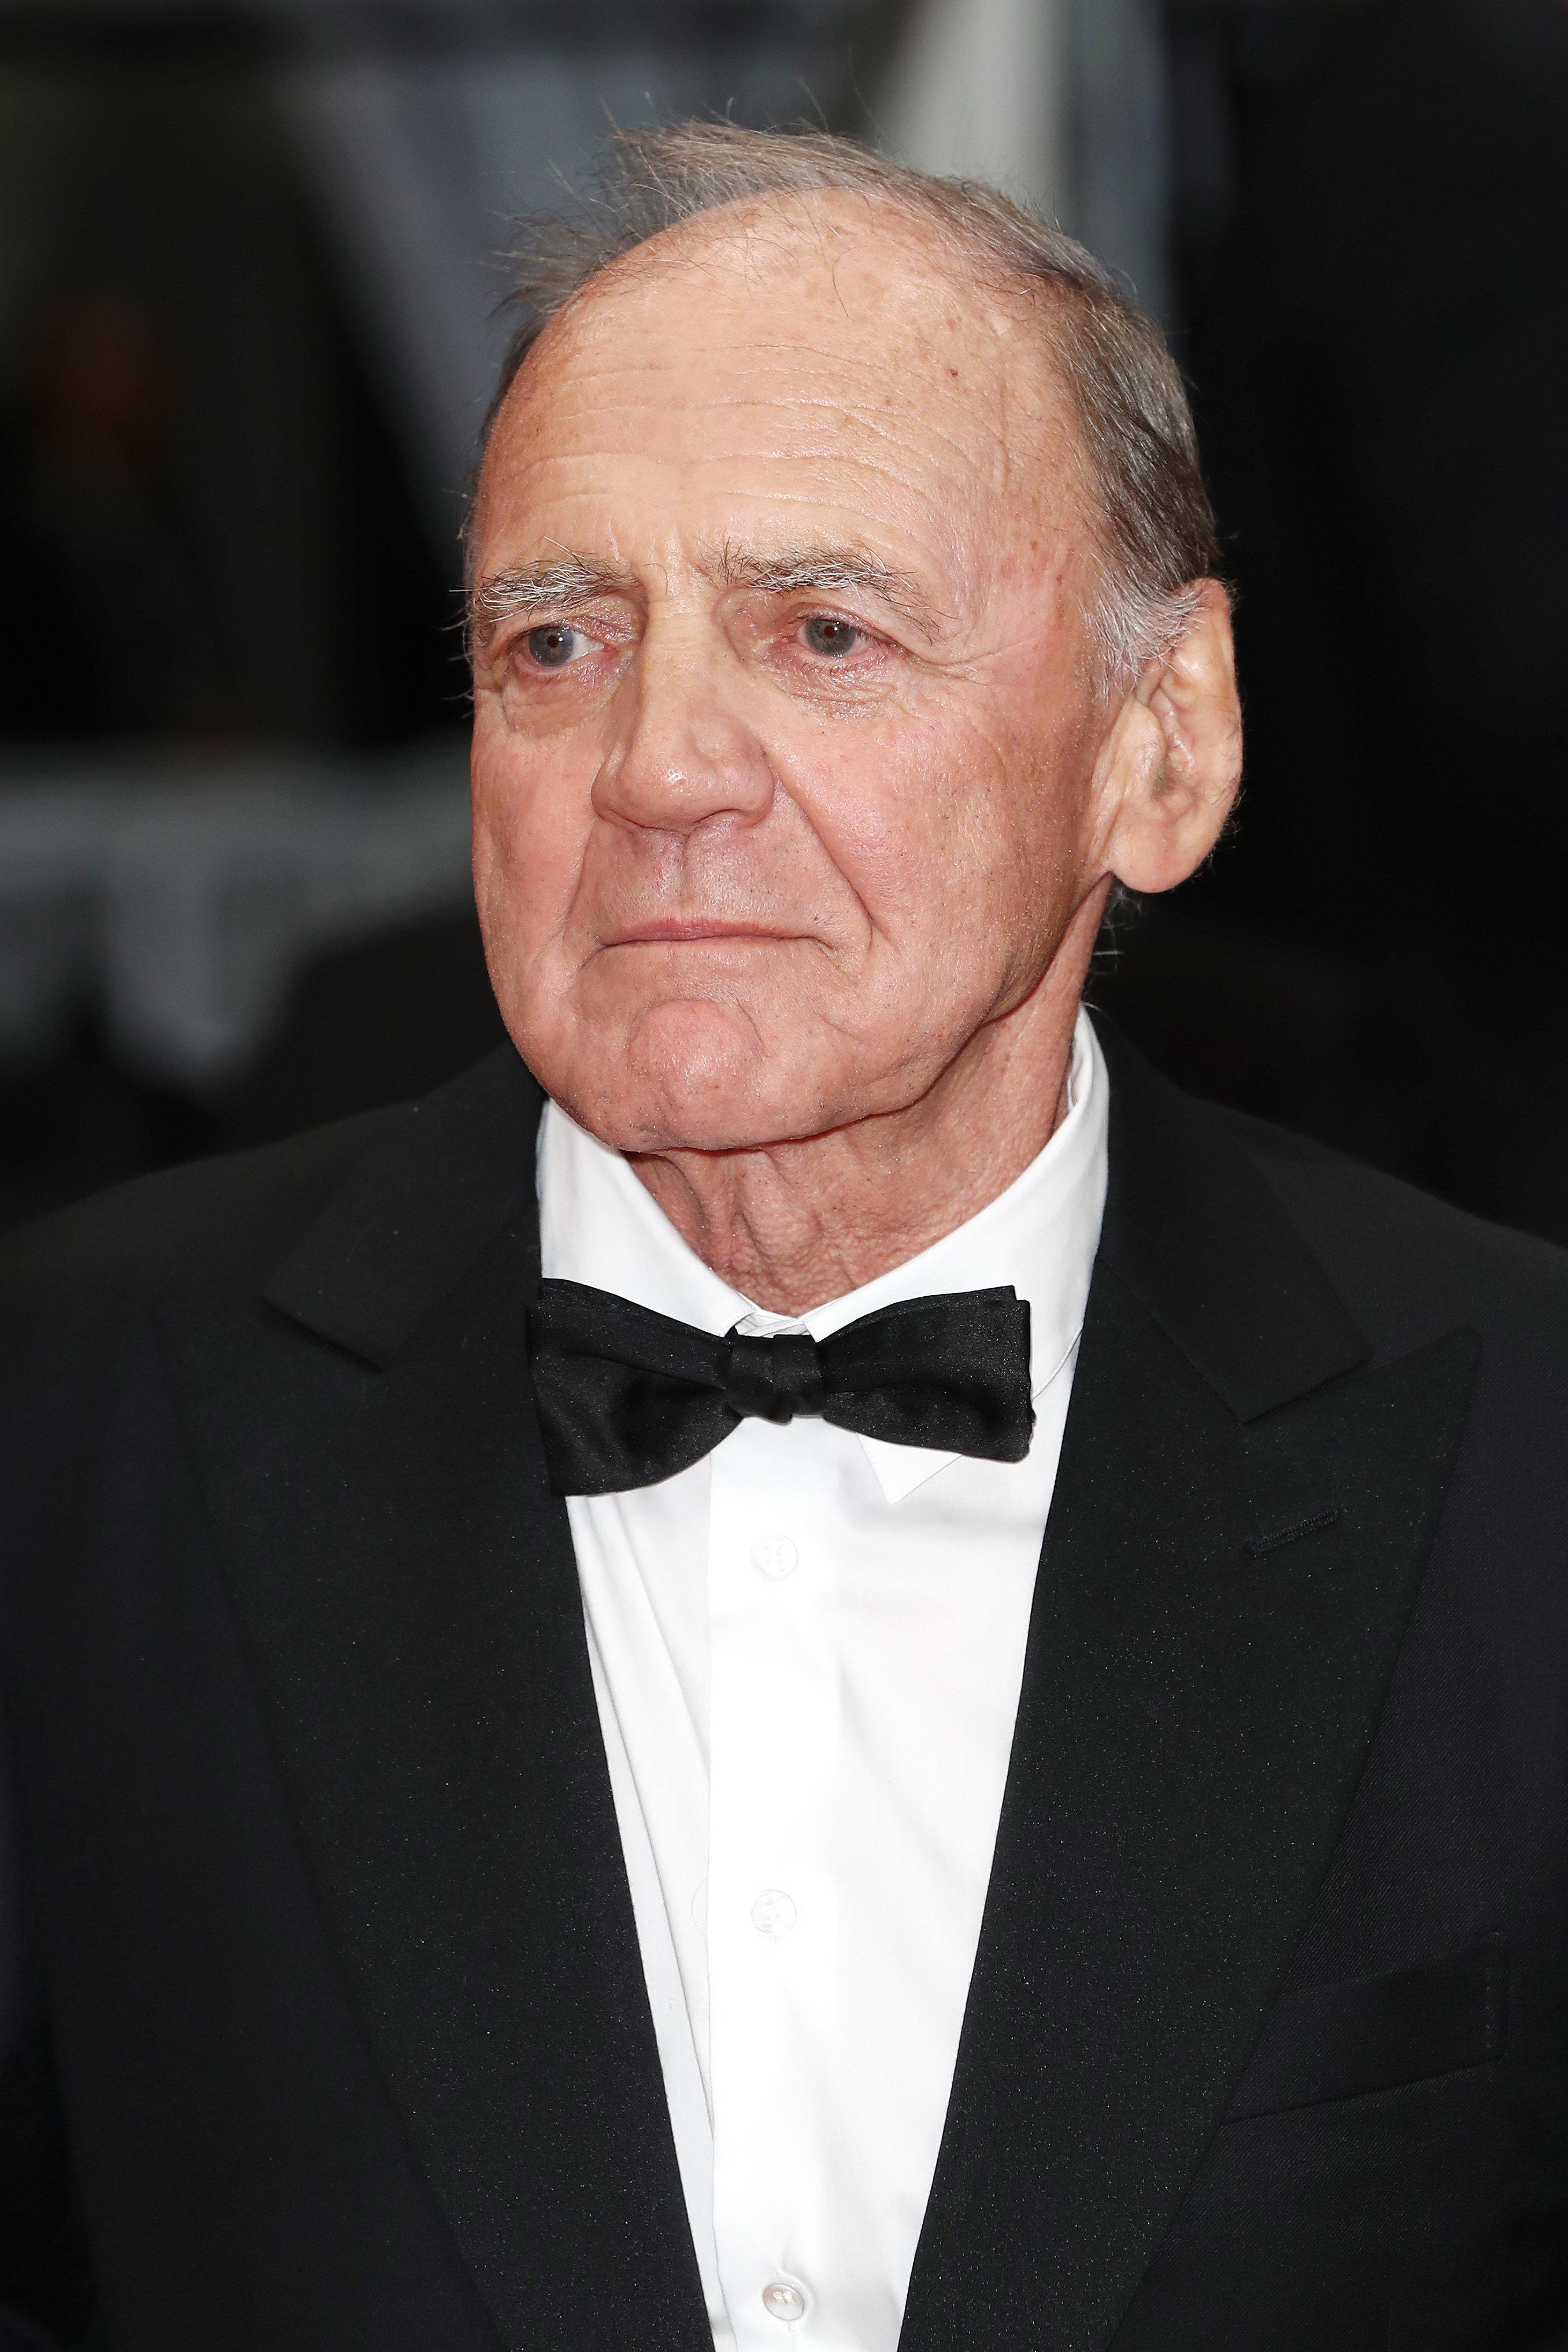 Schauspieler Bruno Ganz im Alter von 77 Jahren